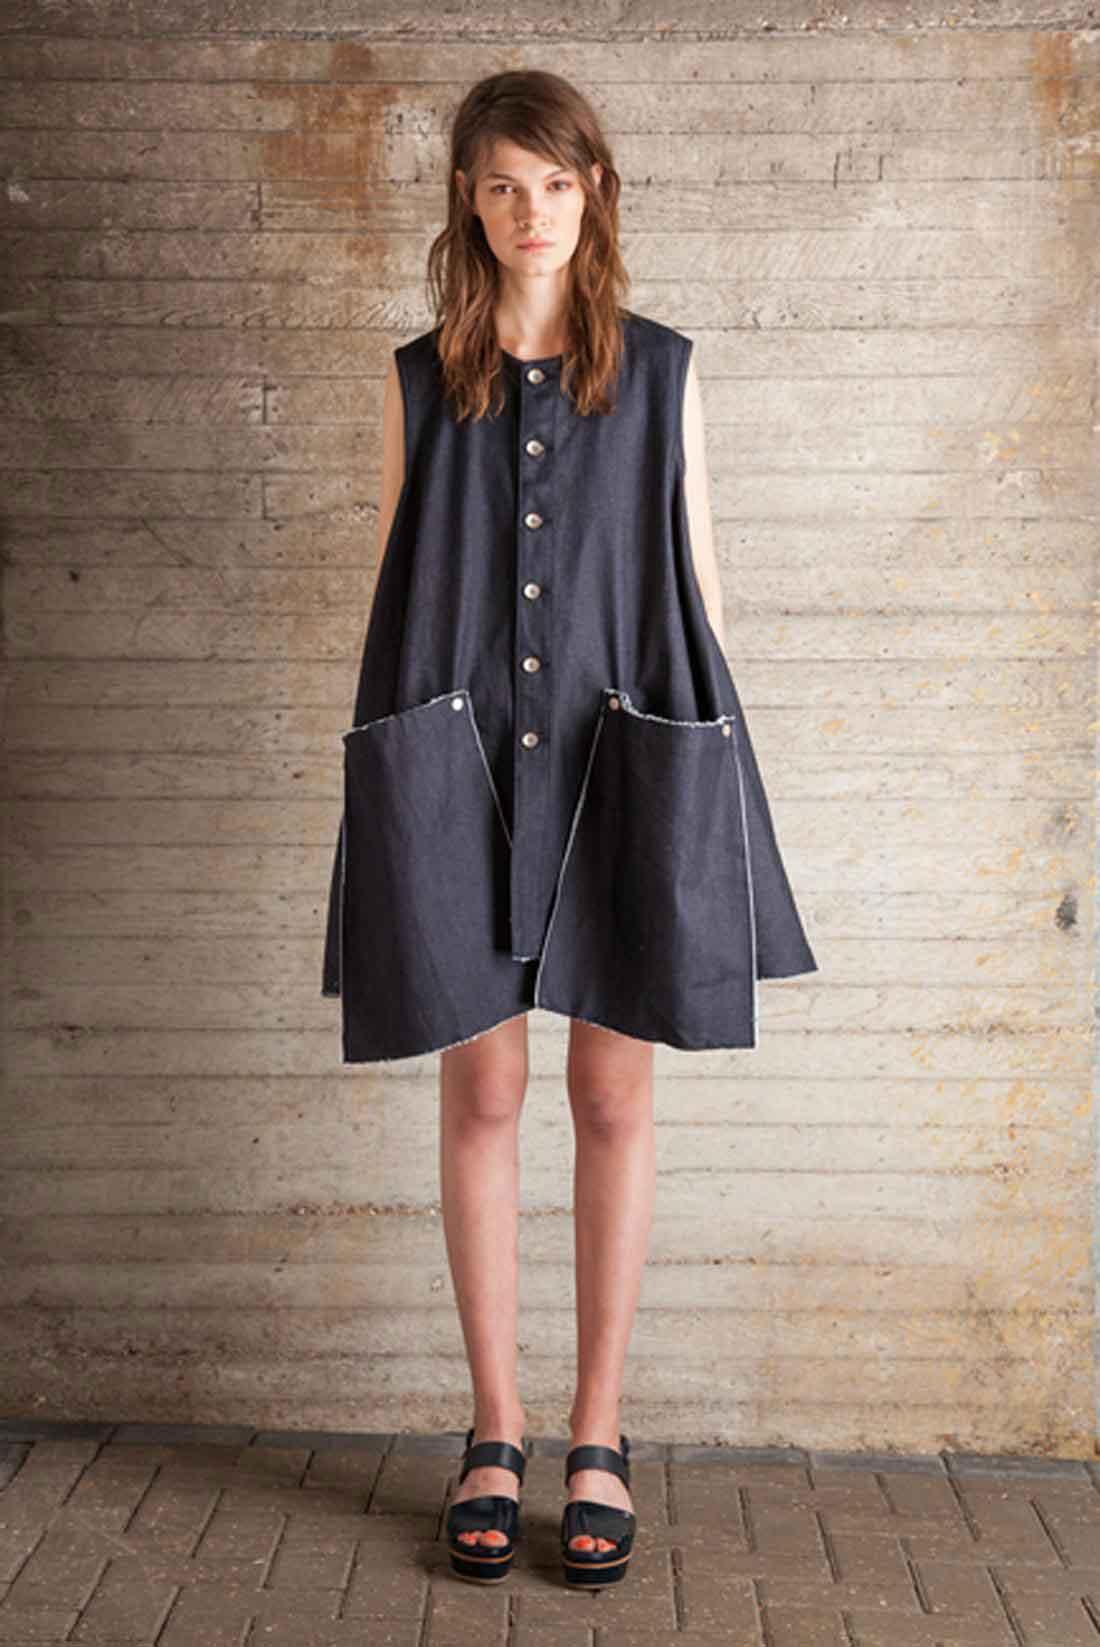 Indigo Blue Denim Babydoll Dress, £175, Jena.Theo. www.youngbritishdesigners.com